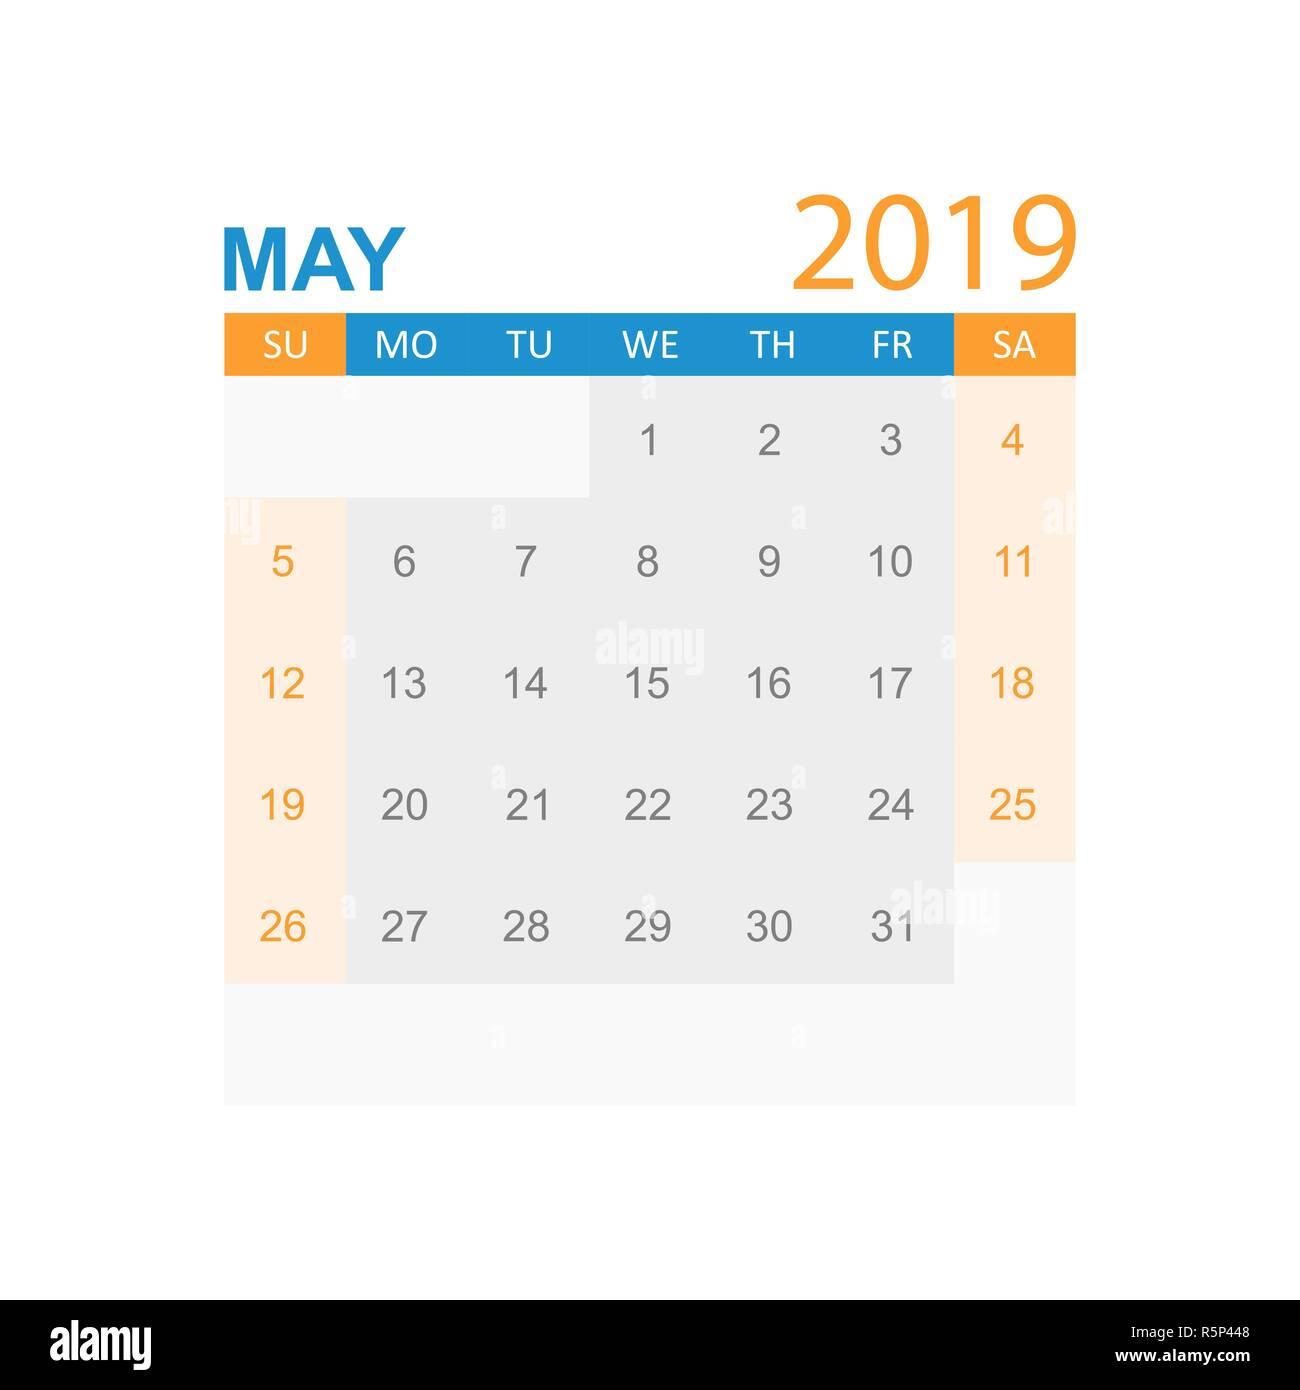 Calendario Mayo2019.Calendario Mayo 2019 Ano En Estilo Sencillo Planificador De